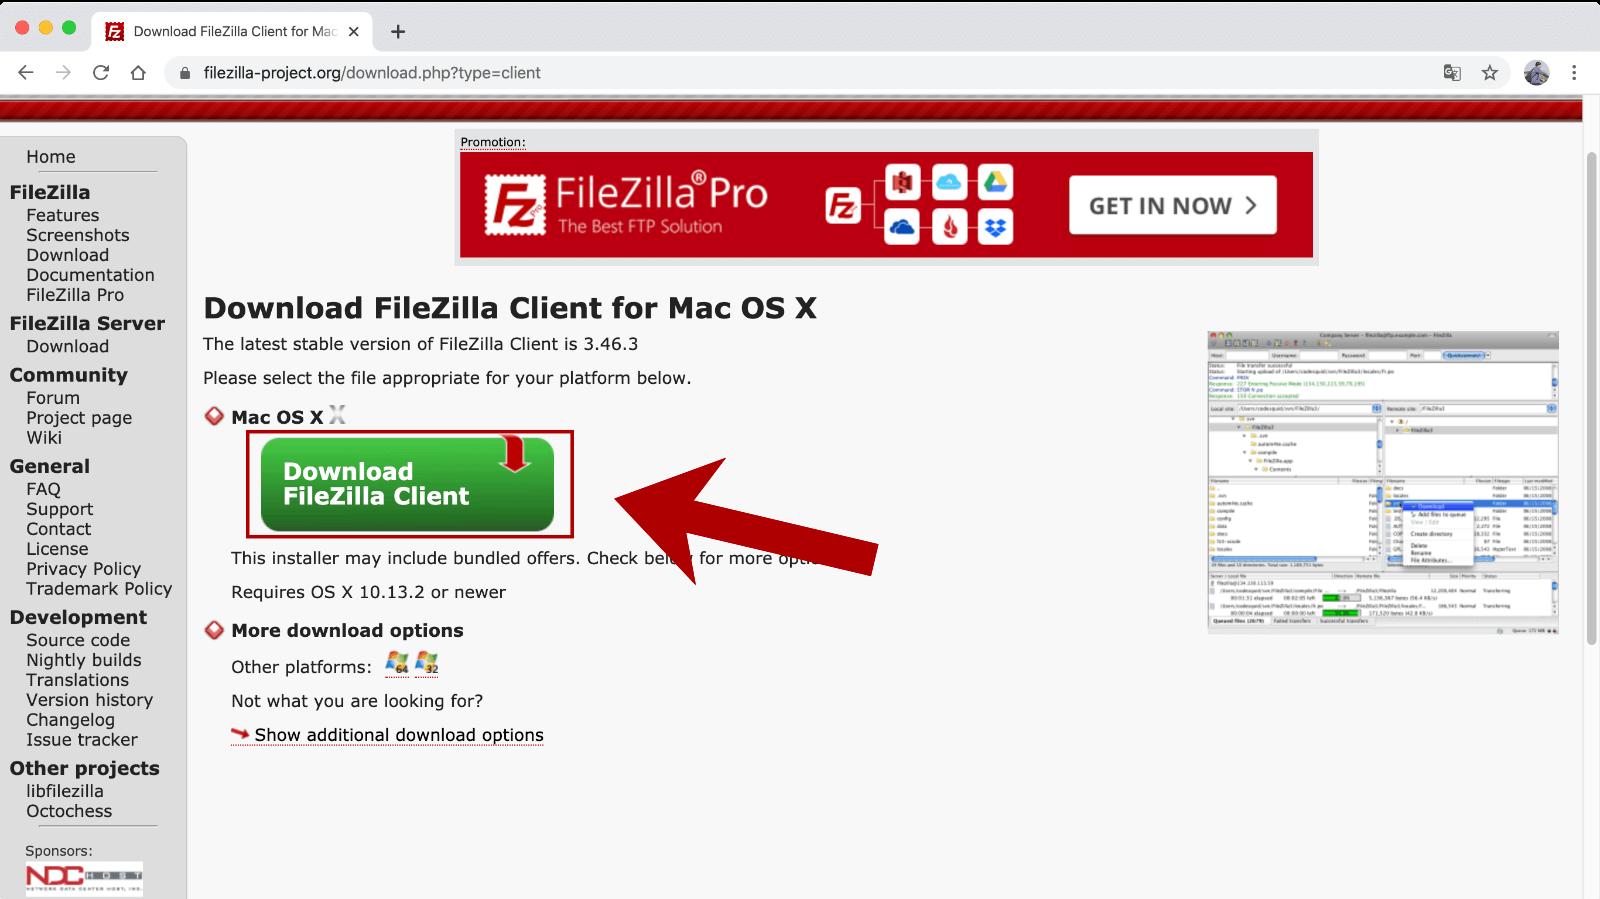 FileZillaのインストーラーのダウンロード